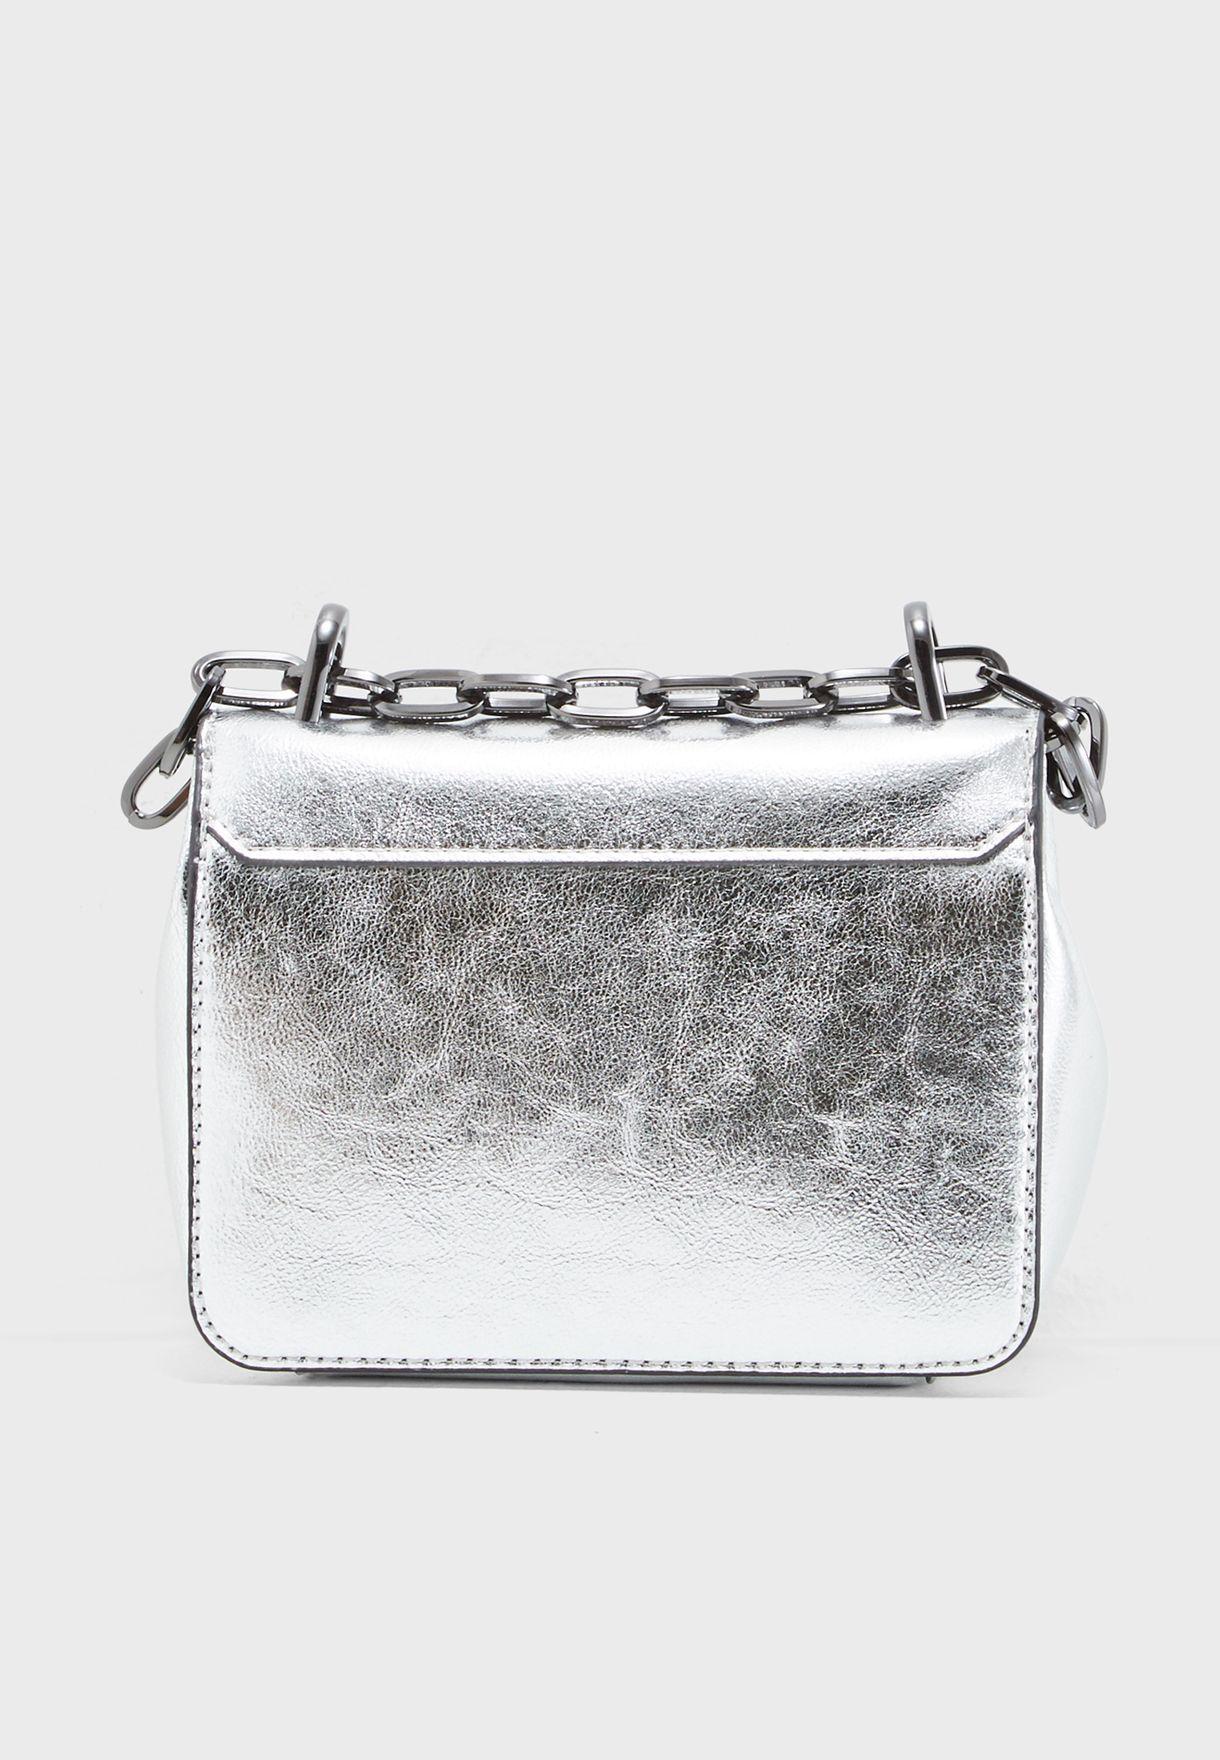 25c3ea46a77 Shop Calvin Klein silver Small Candy Crossbody K60K604394904 for ...